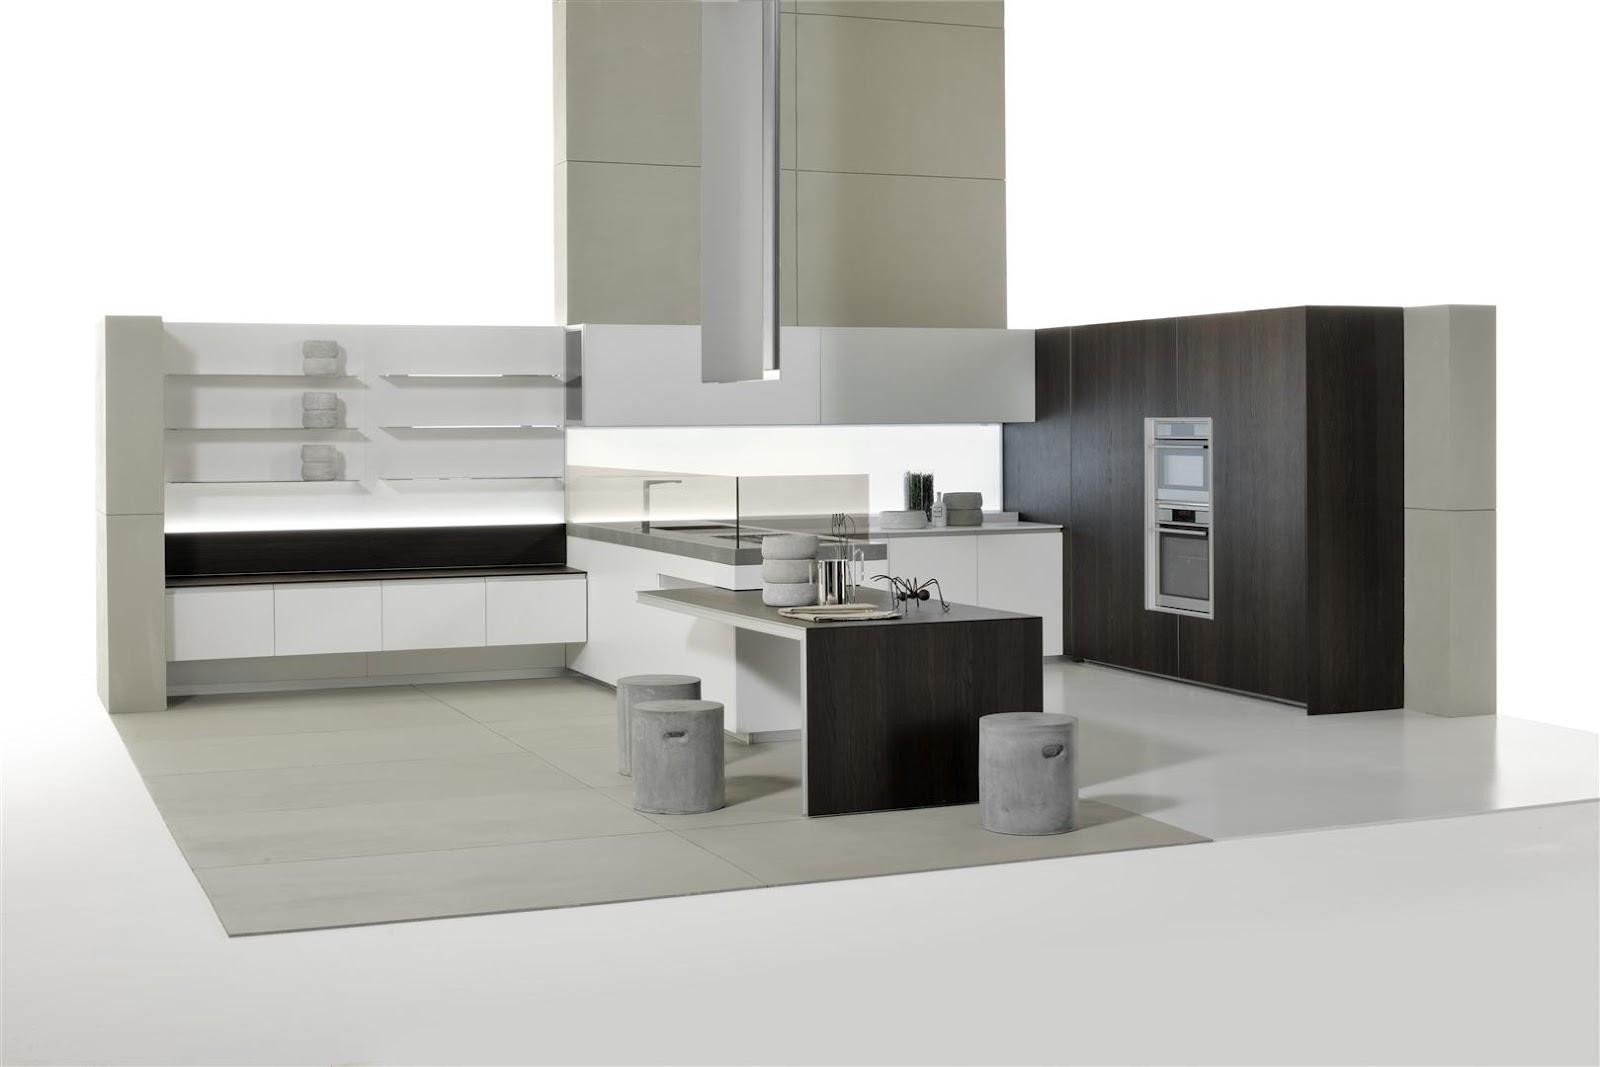 Diseños de Cocinas Modernas   Ideas para decorar, diseñar y mejorar ...